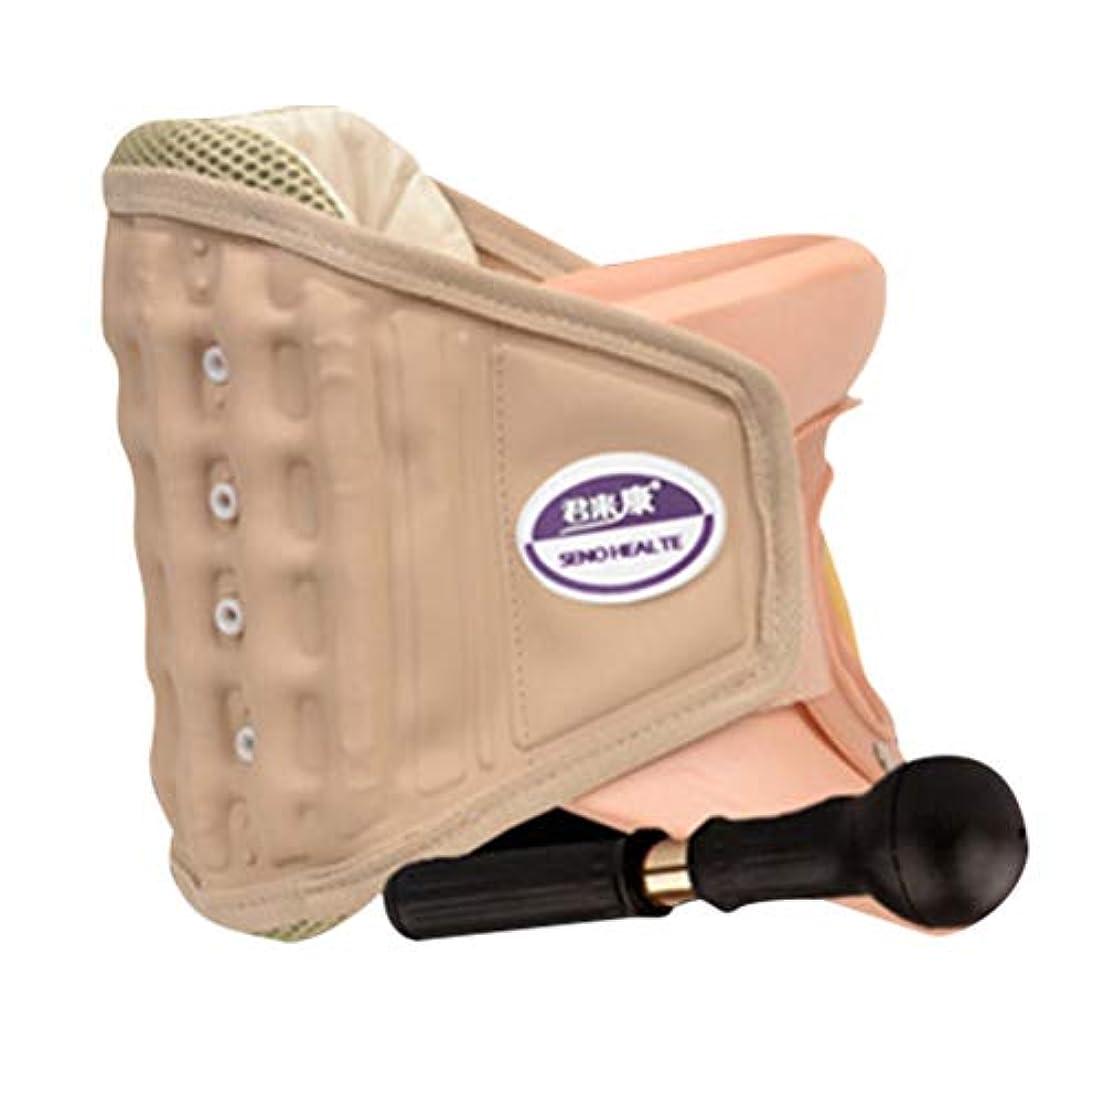 移住する過去本当にSUPVOX 頸部首牽引襟デバイス装具椎骨サポートベルト付きポンプポータブルネックマッサージャー